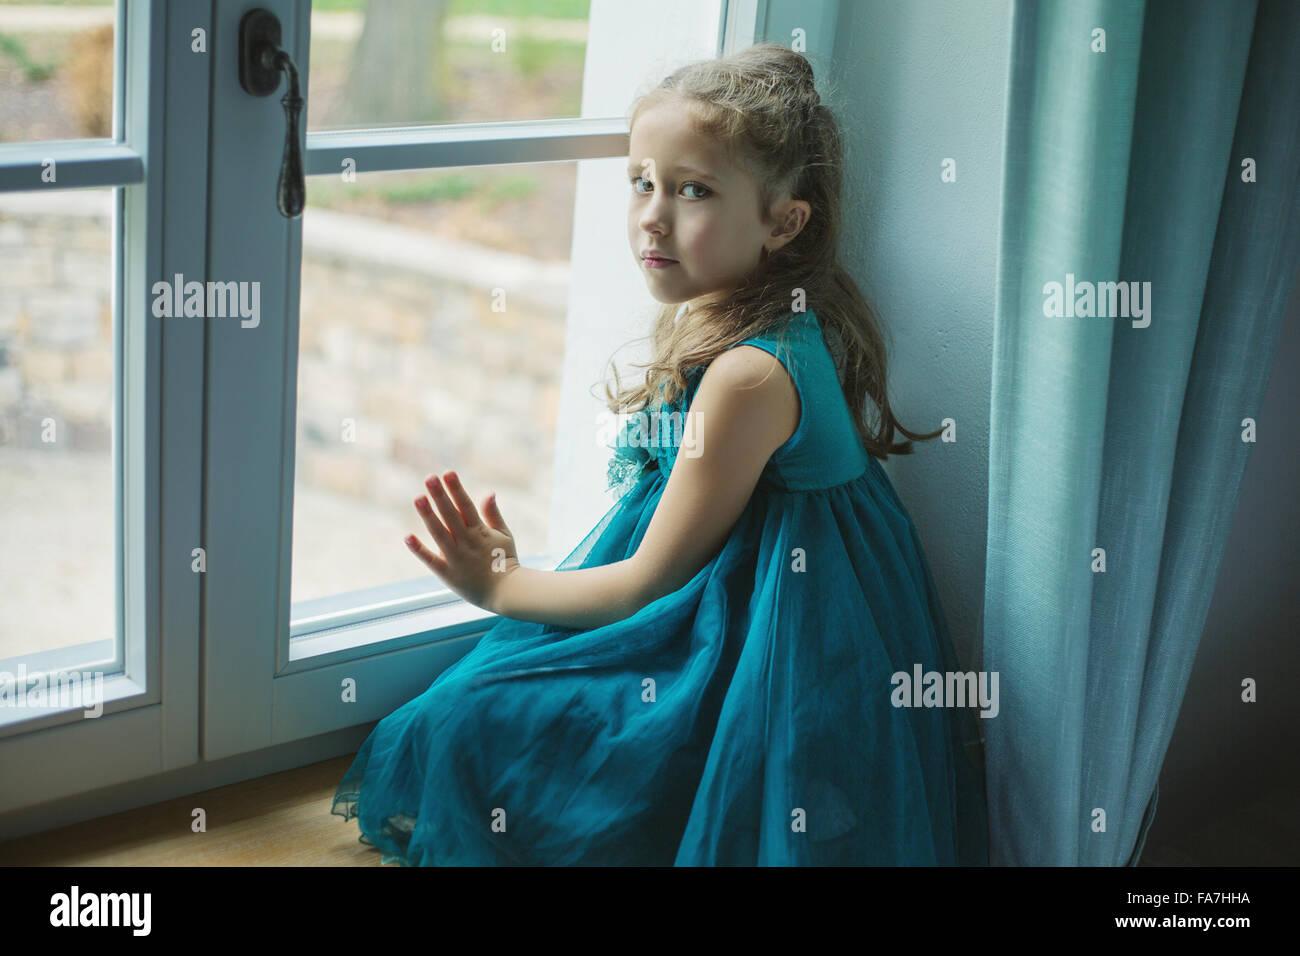 Trauriges Mädchen Blick durch Fenster Stockbild